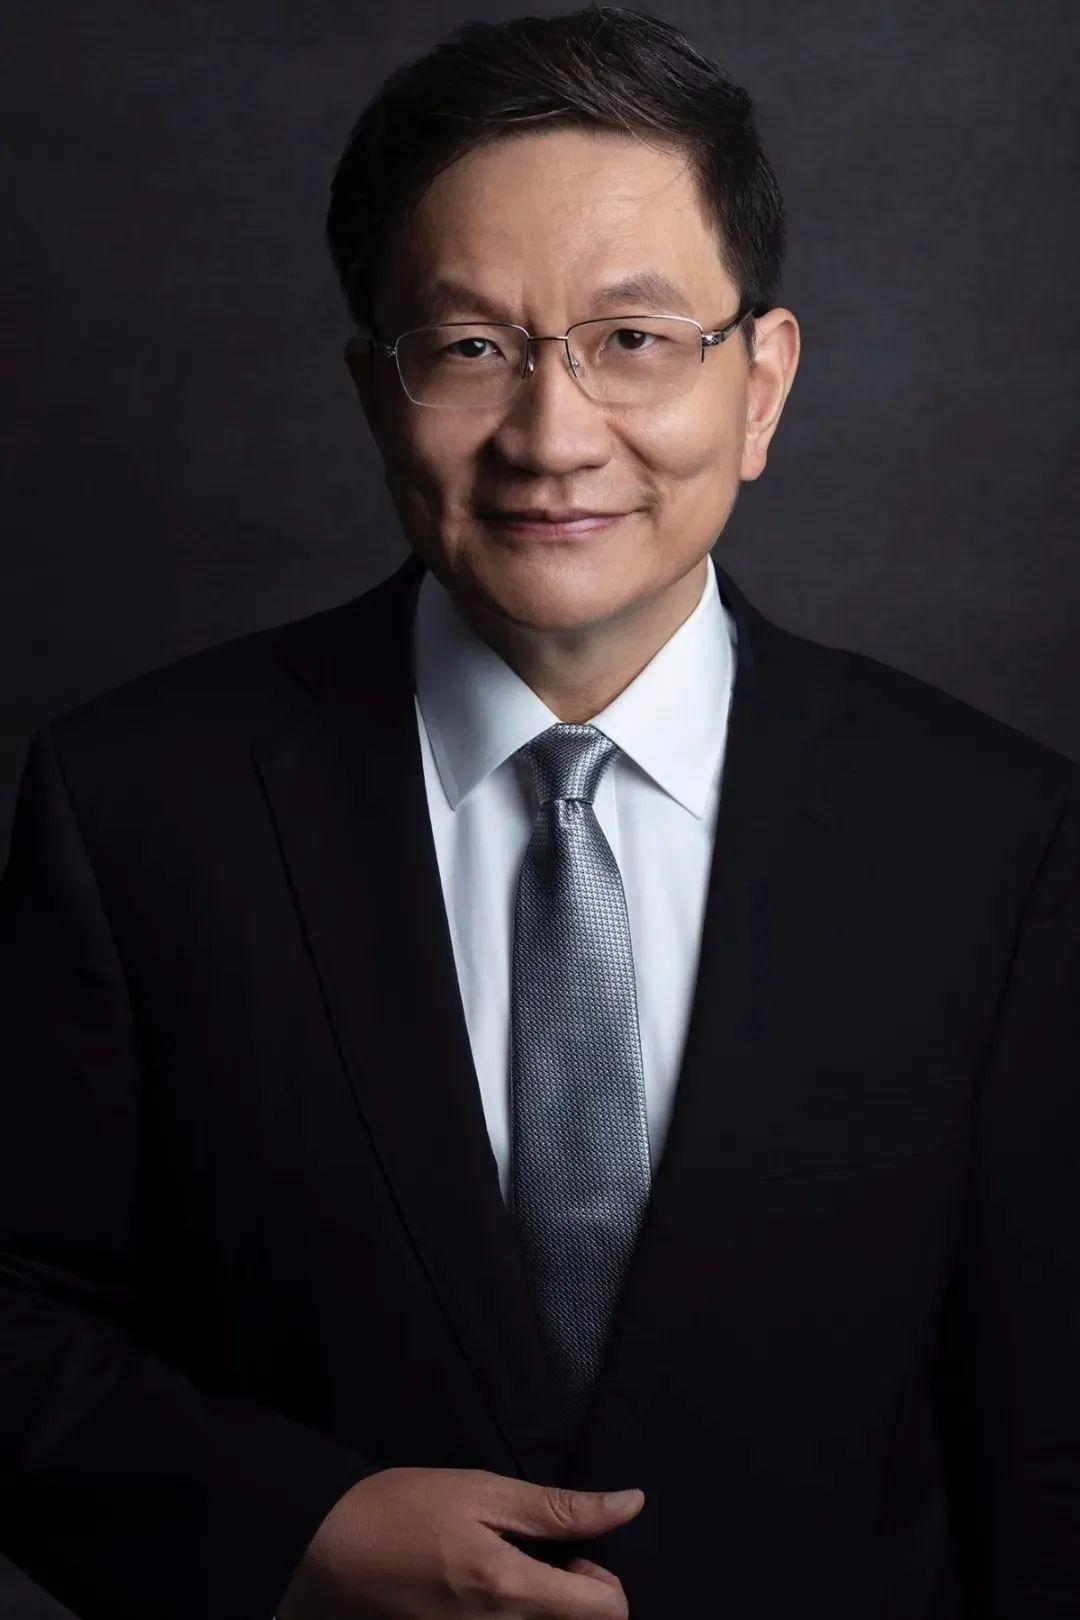 宜信普惠理财旗下P2P尚有近百亿未兑付-第一张